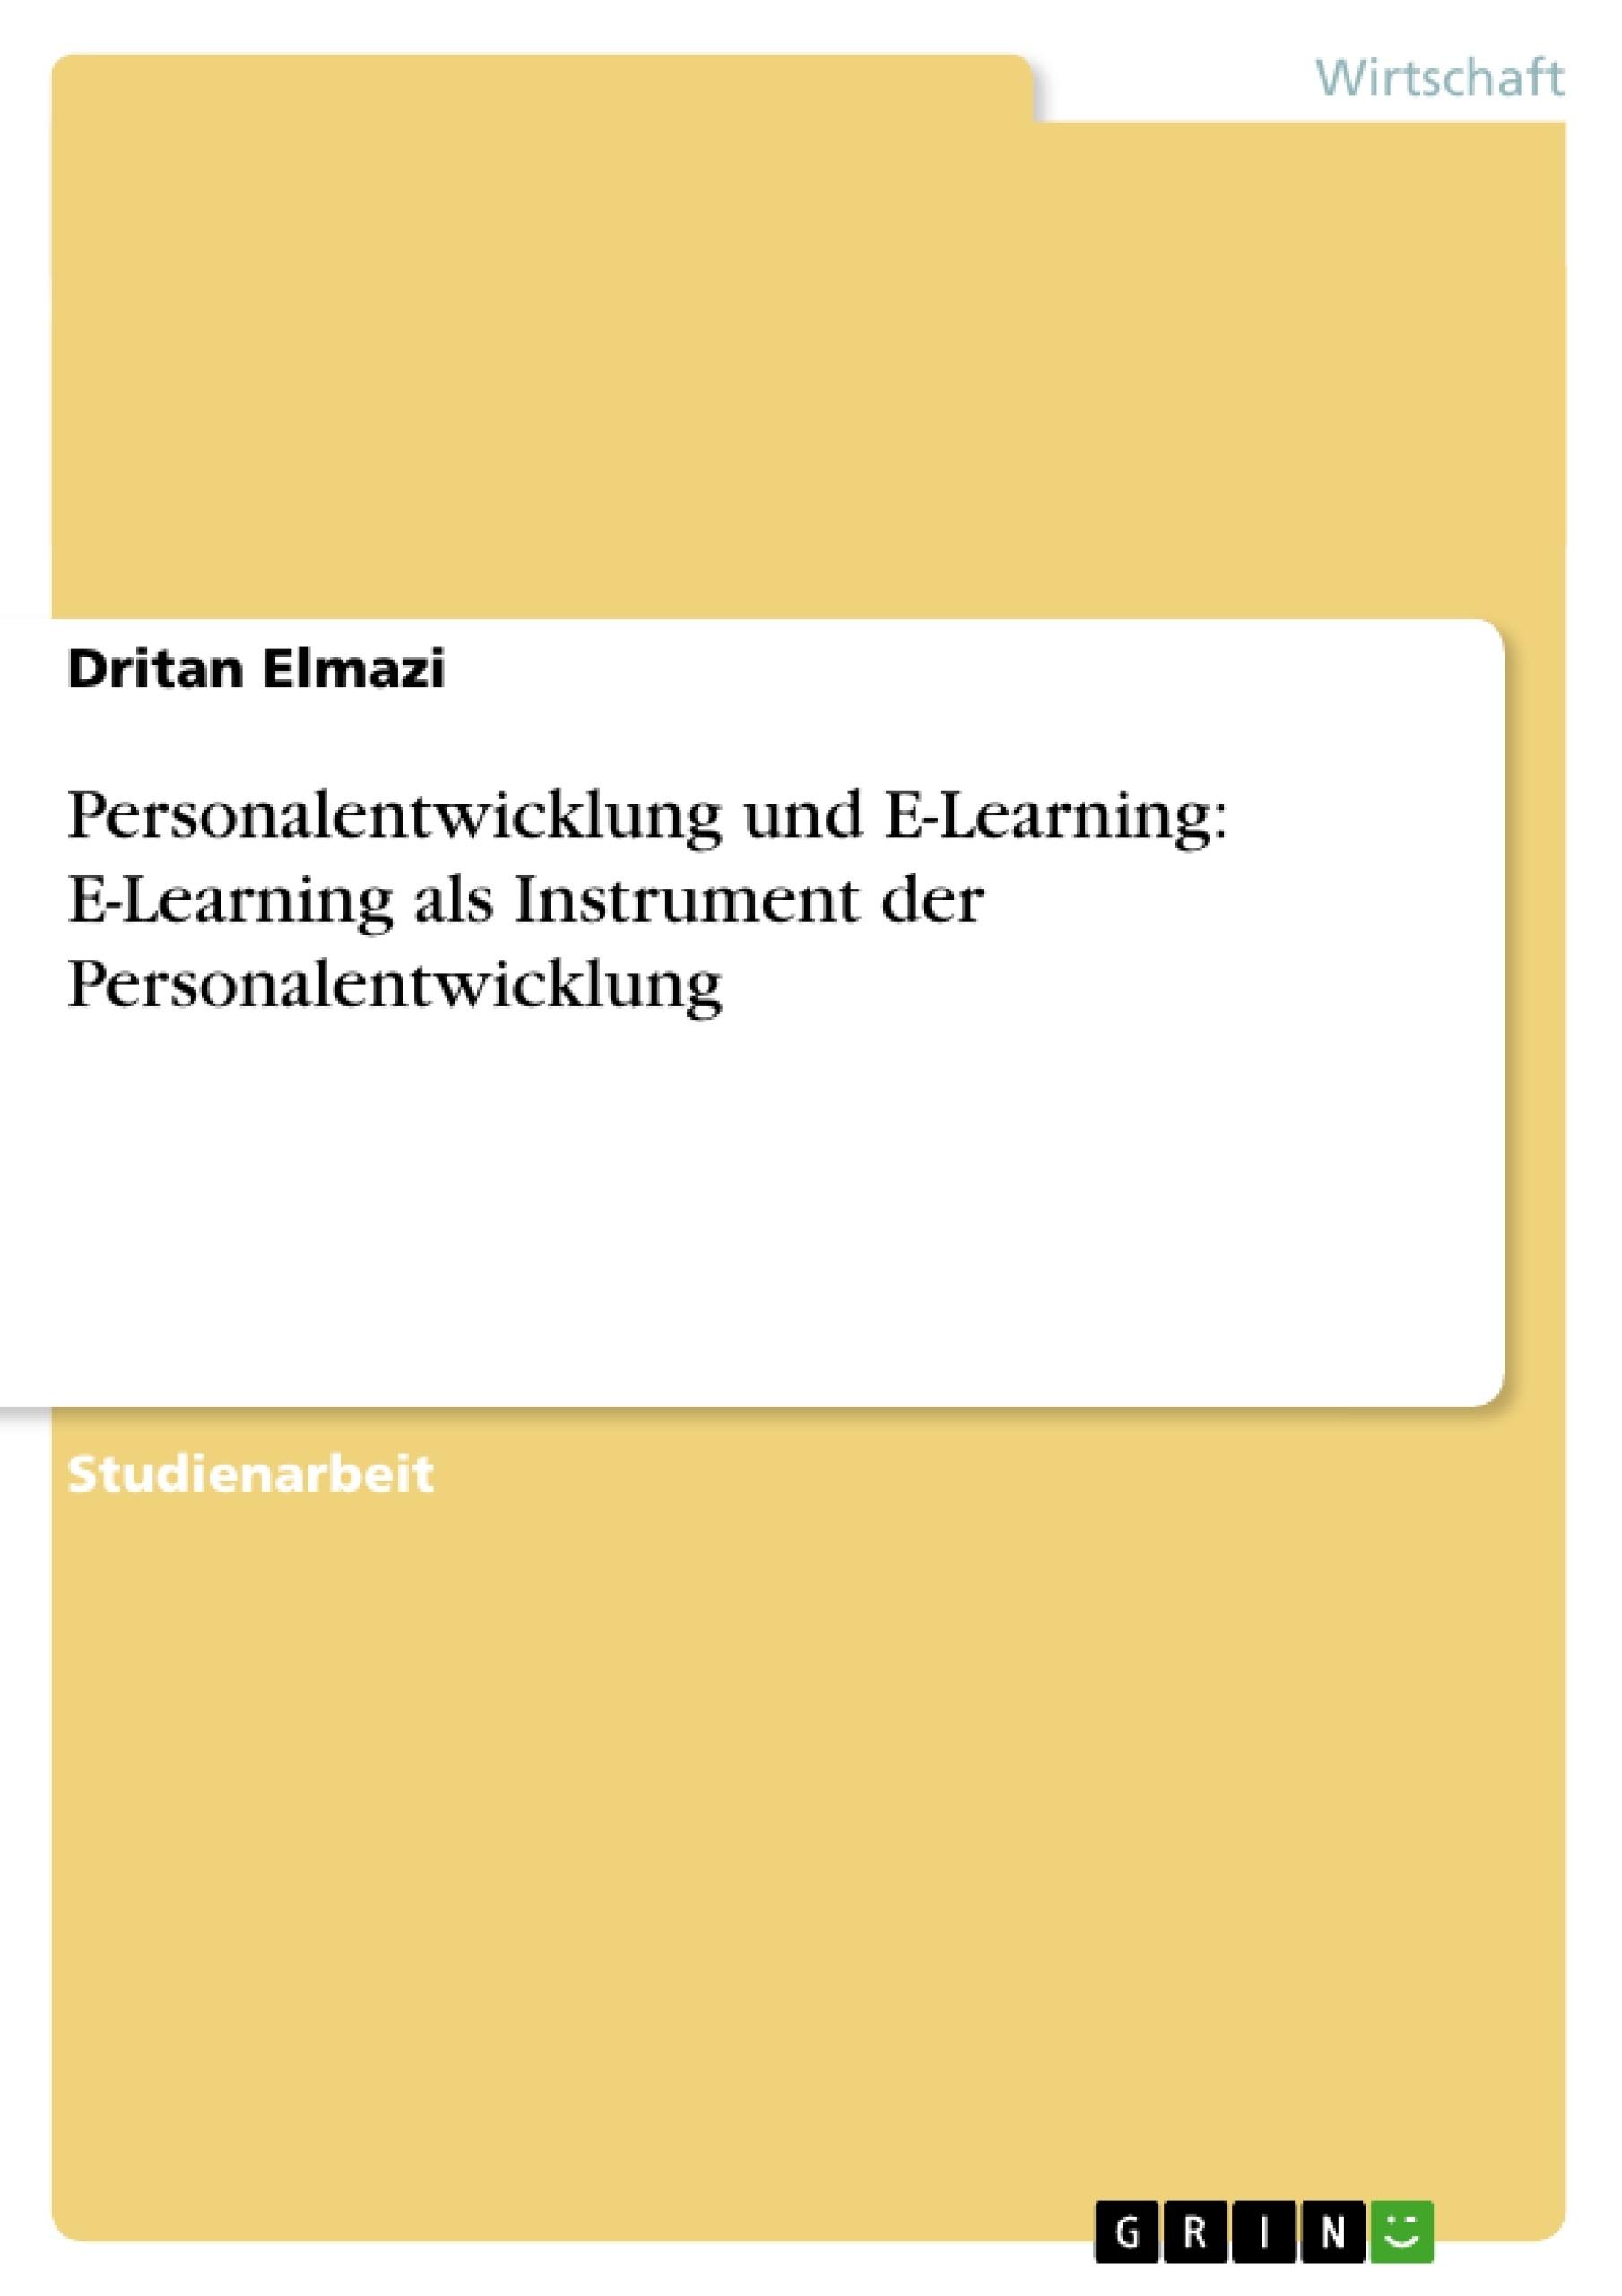 Titel: Personalentwicklung und E-Learning: E-Learning als Instrument der Personalentwicklung